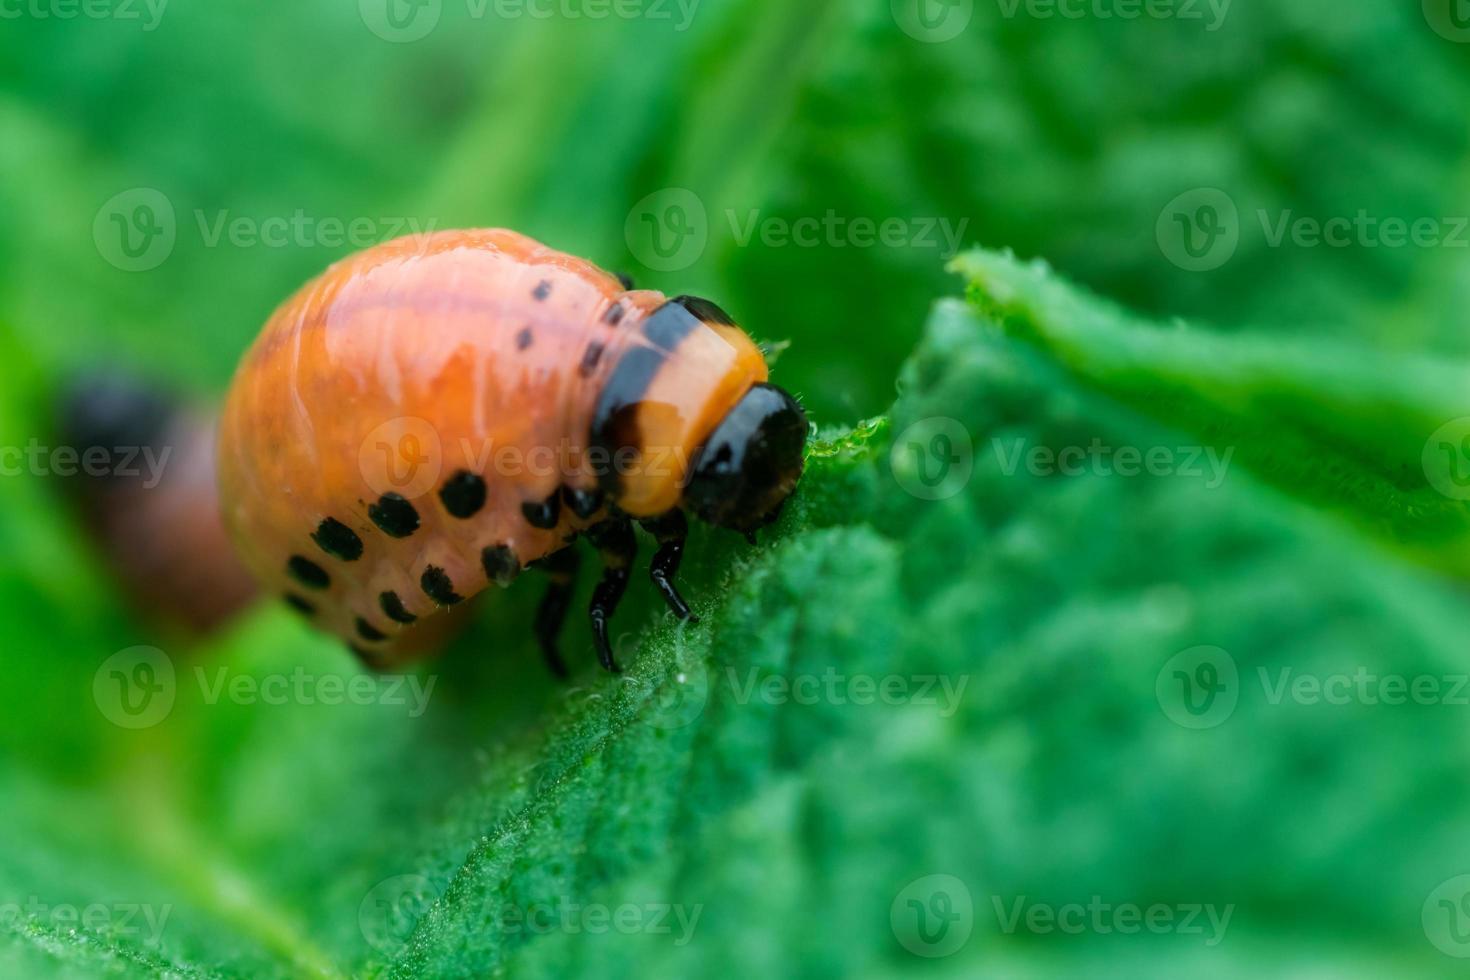 Colorado bug larvae photo